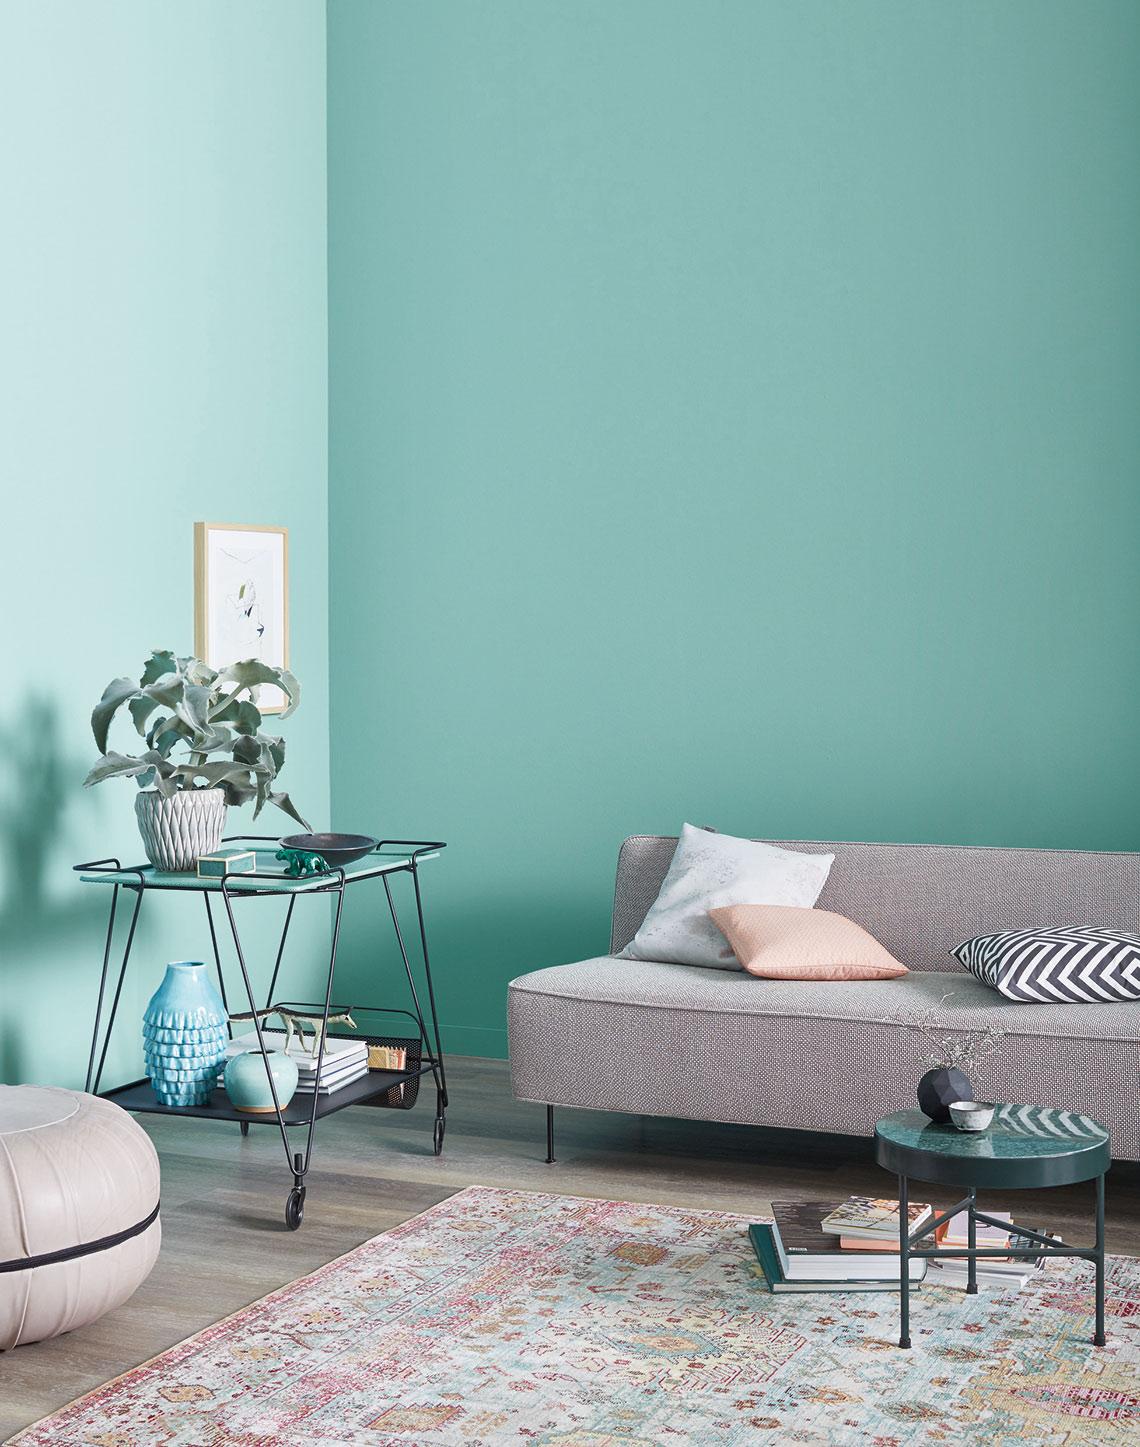 Full Size of Moderne Wandfarben Deckenleuchte Wohnzimmer Bilder Fürs Modernes Bett 180x200 Landhausküche Duschen Sofa Esstische Wohnzimmer Moderne Wandfarben